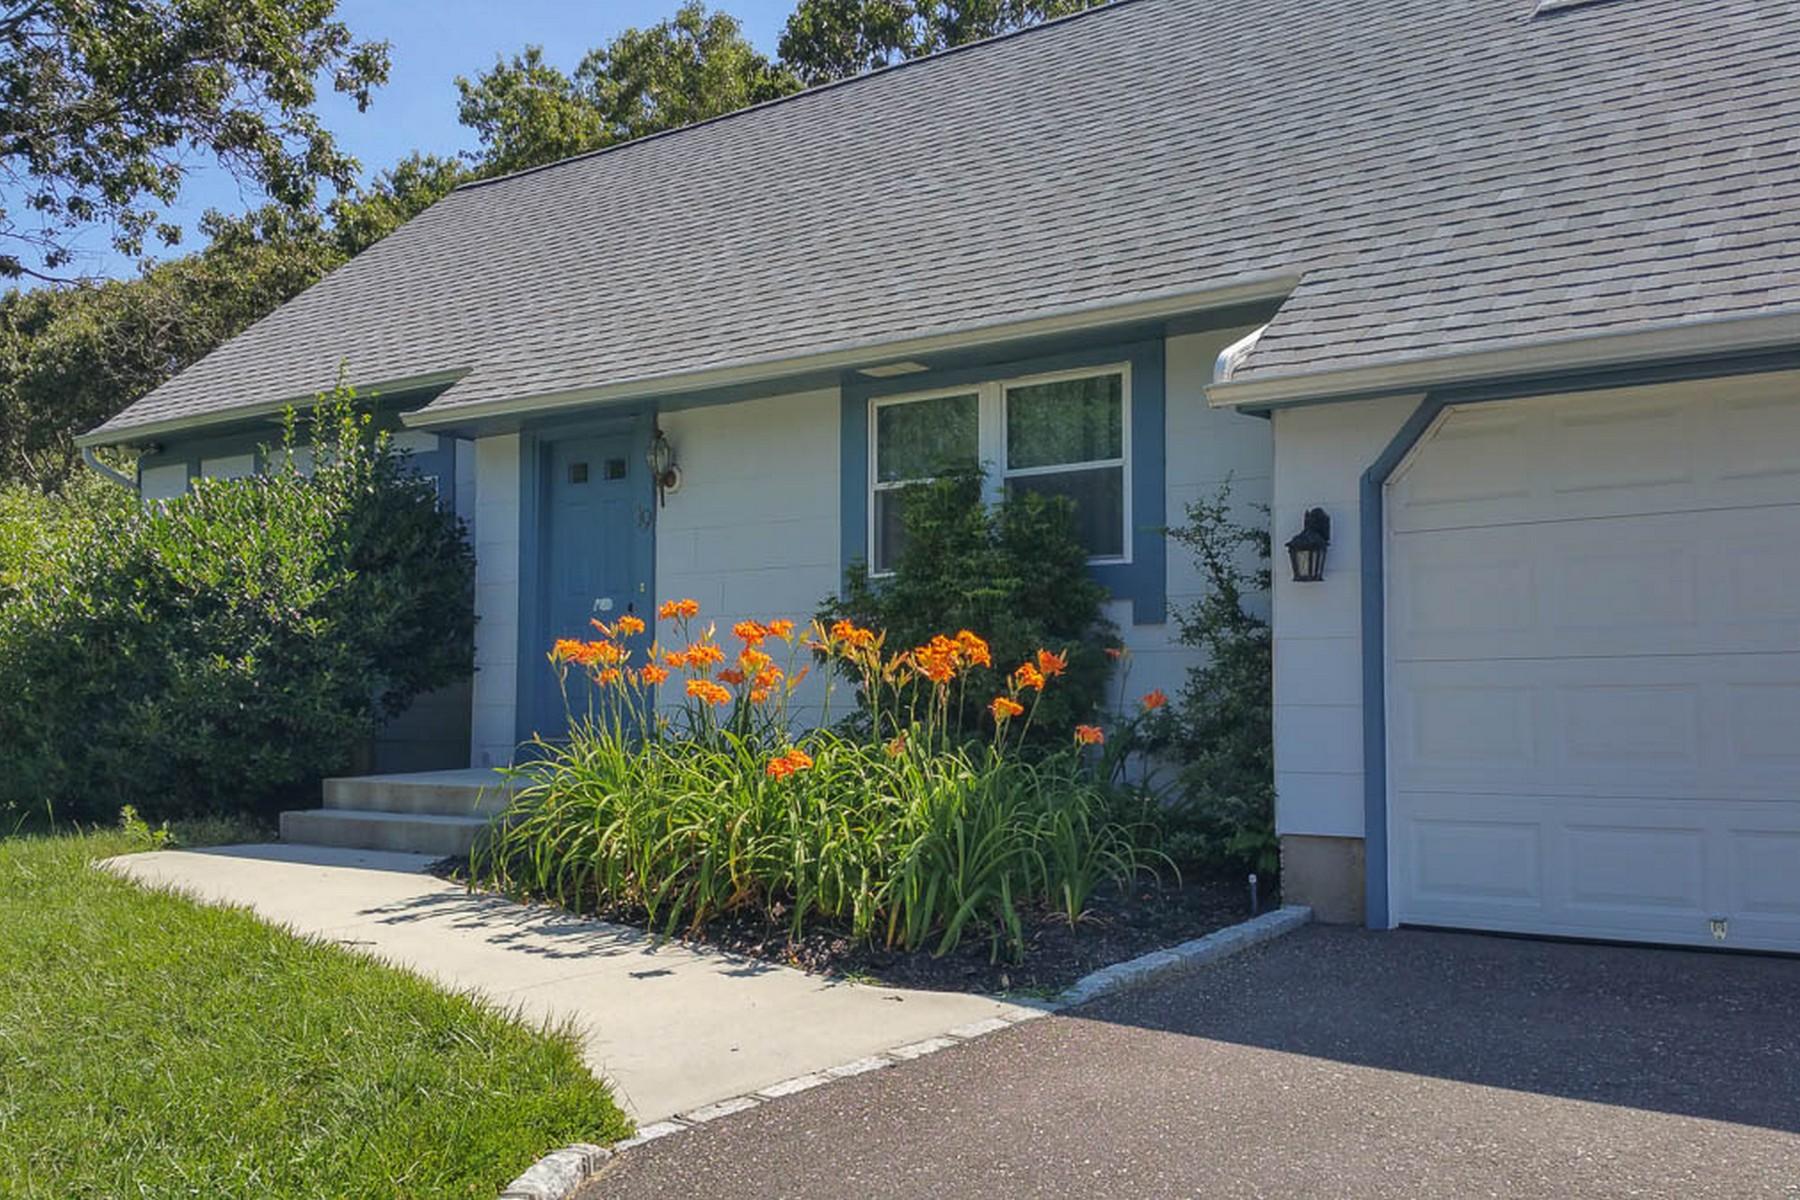 Single Family Homes para Venda às Medford 19 Winged Foot Dr, Medford, Nova York 11763 Estados Unidos